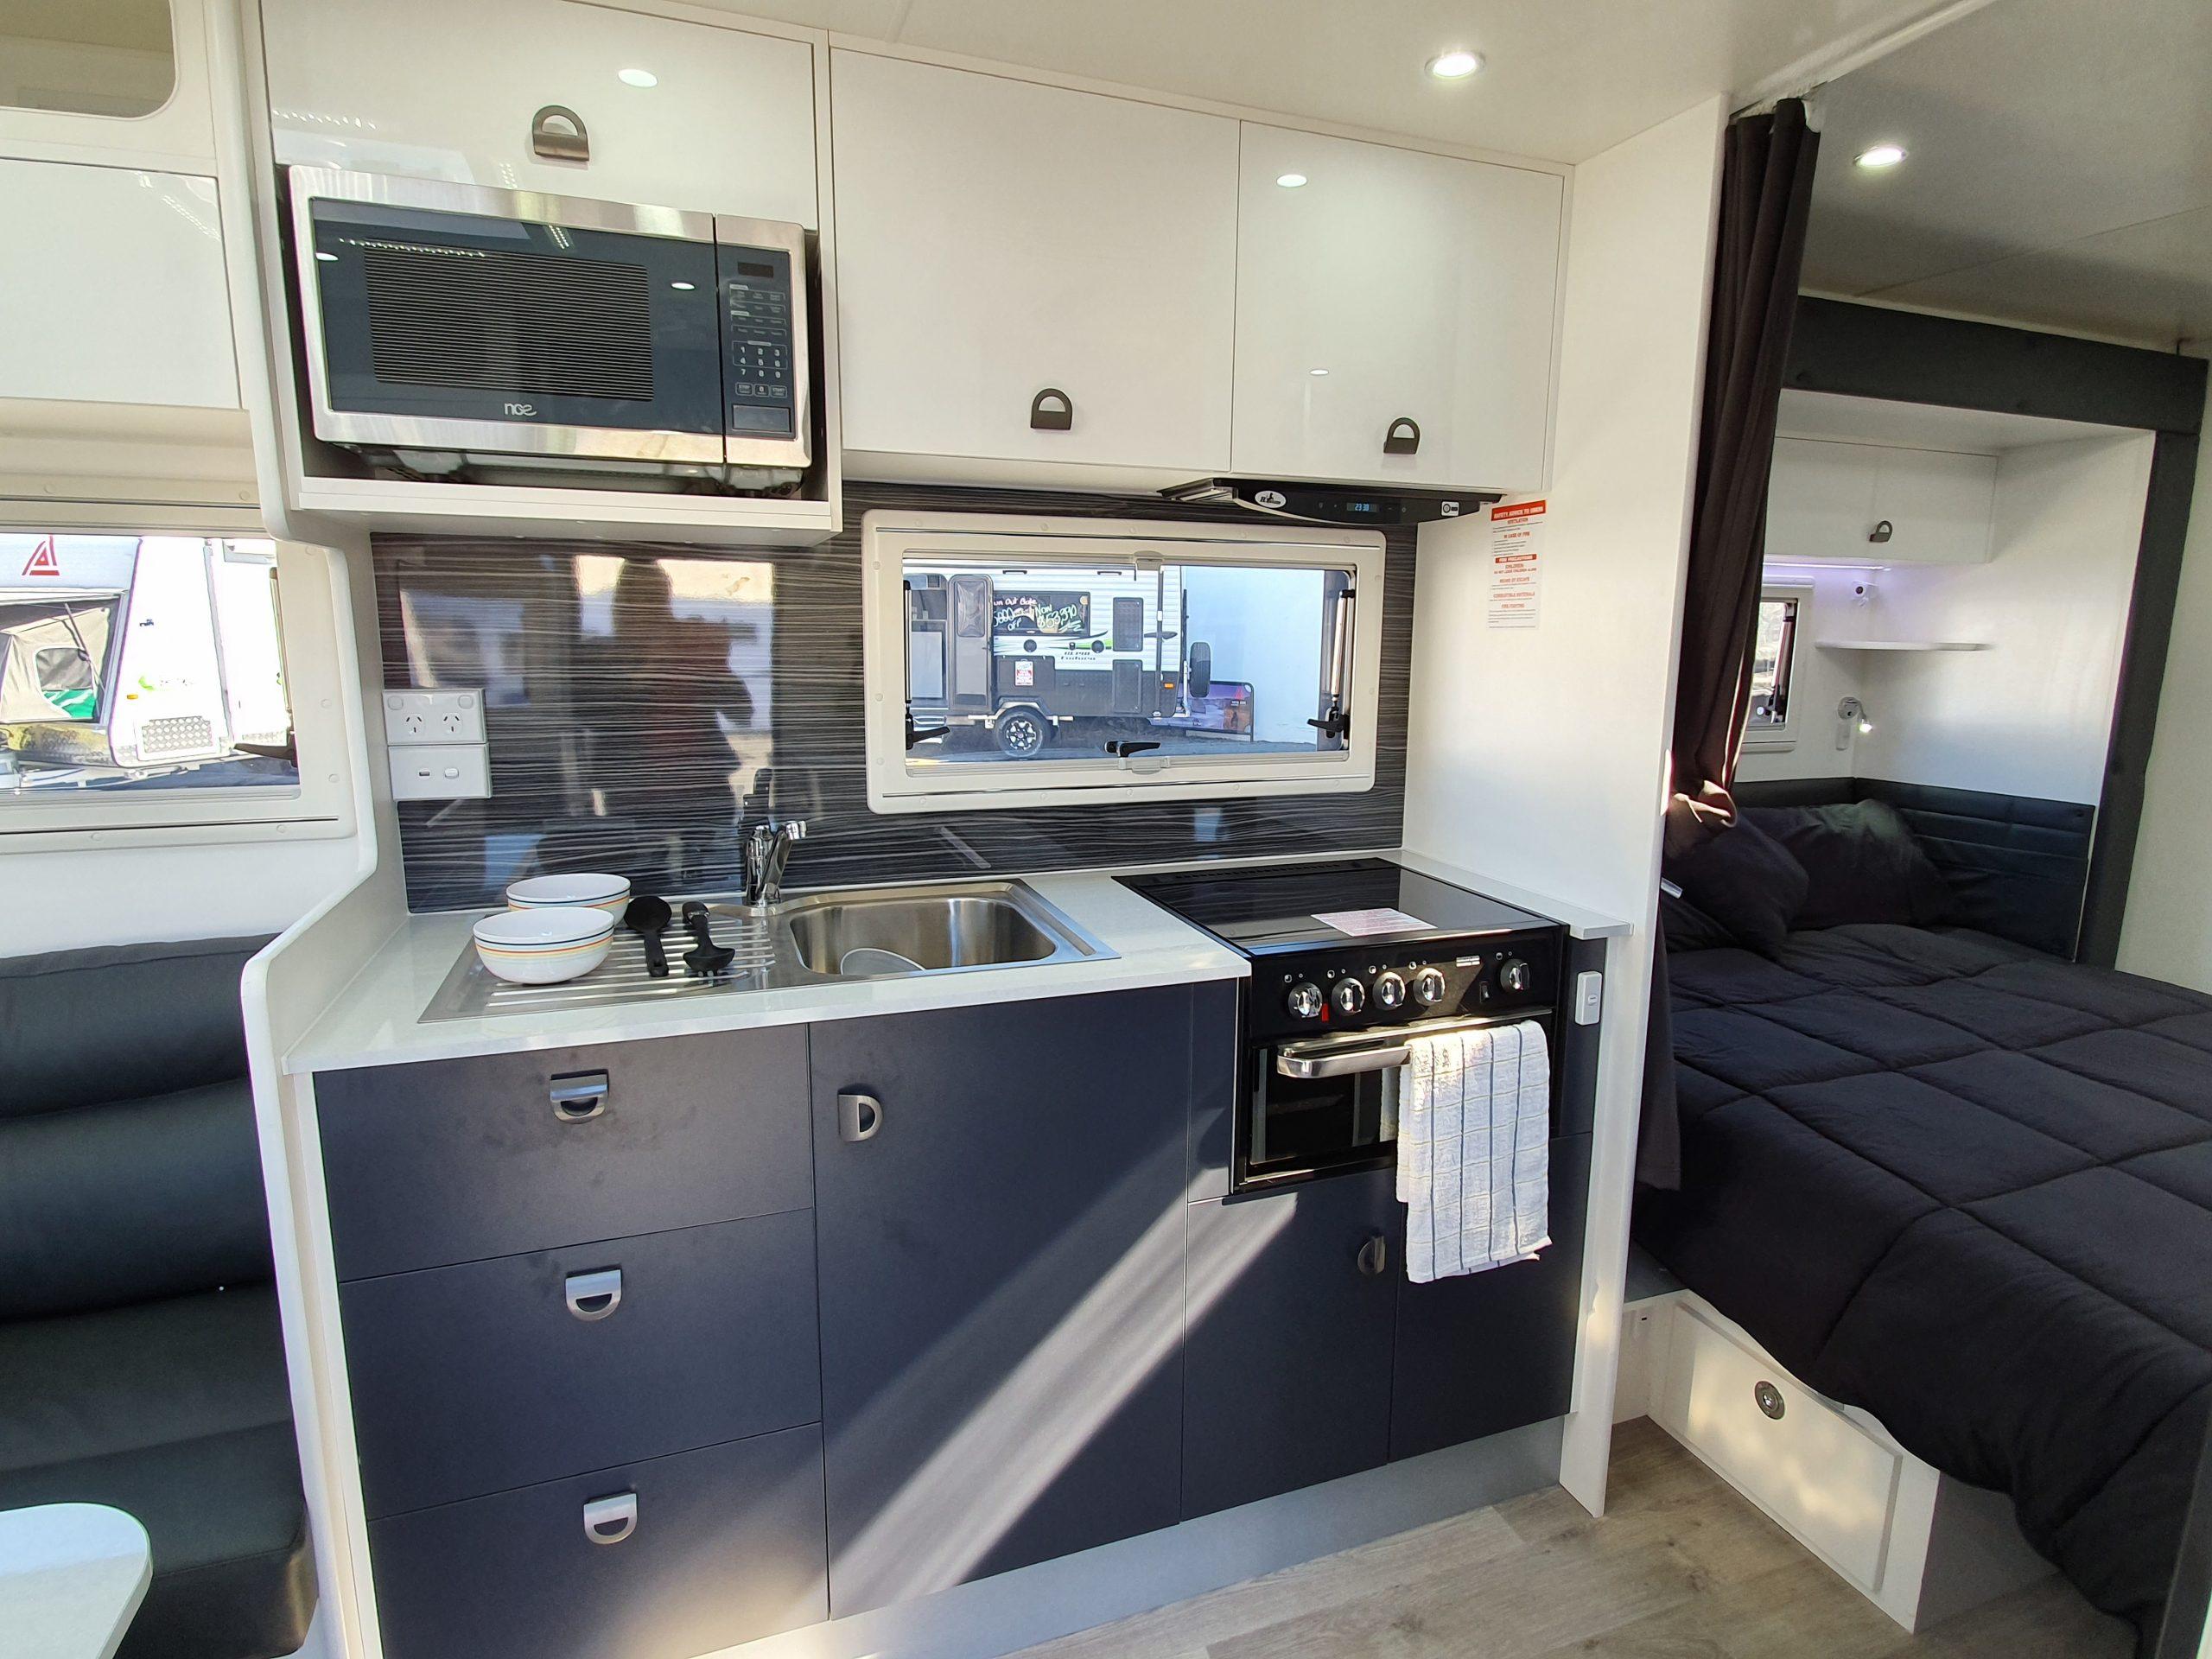 caravan kitchen microwave cooktop